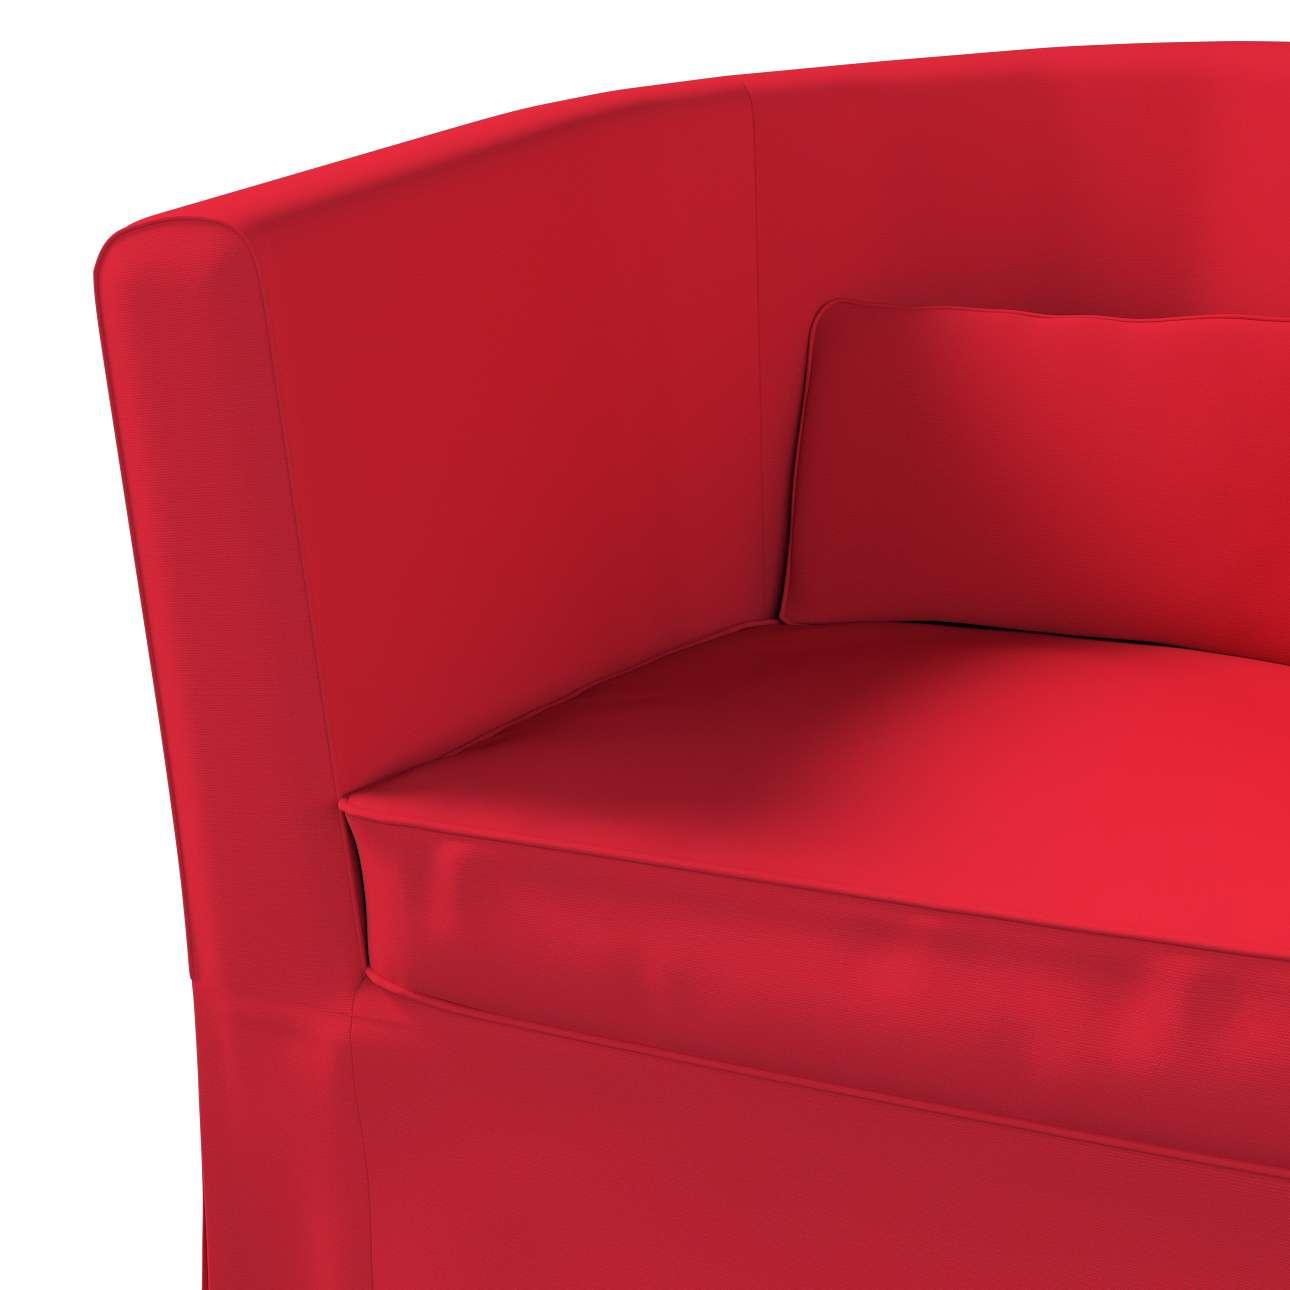 Pokrowiec na fotel Ektorp Tullsta w kolekcji Cotton Panama, tkanina: 702-04